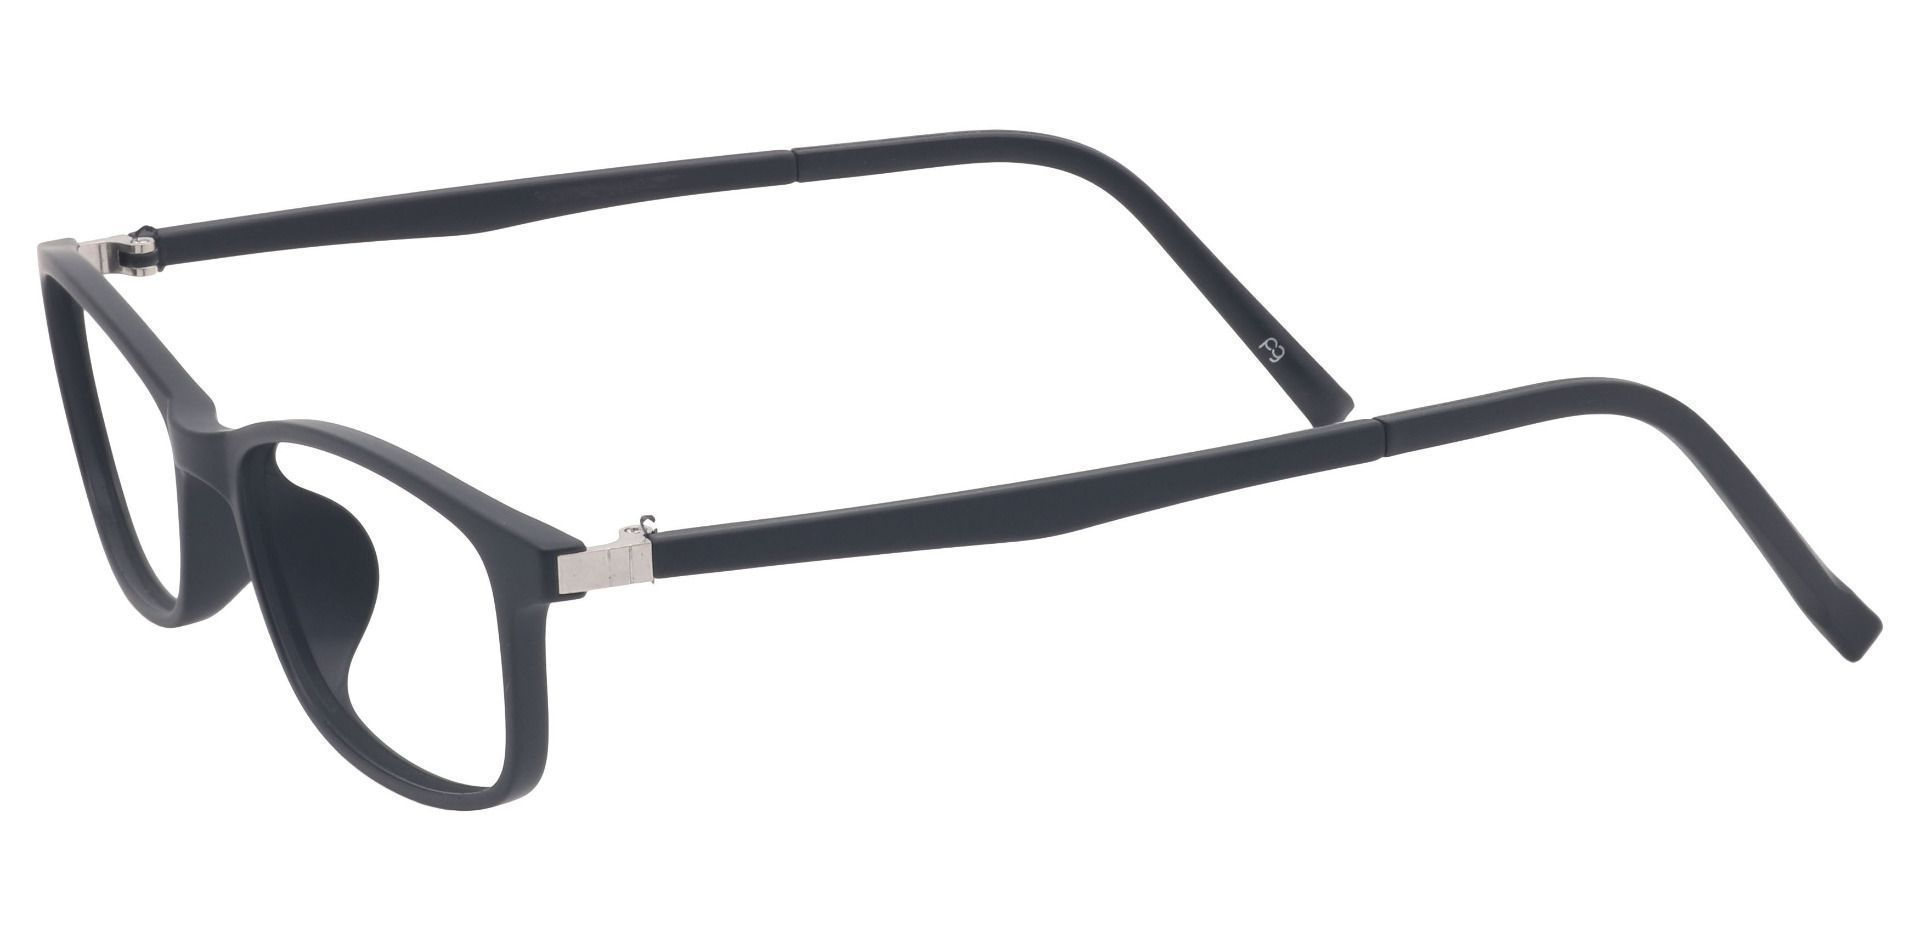 Ole Oval Prescription Glasses - Black